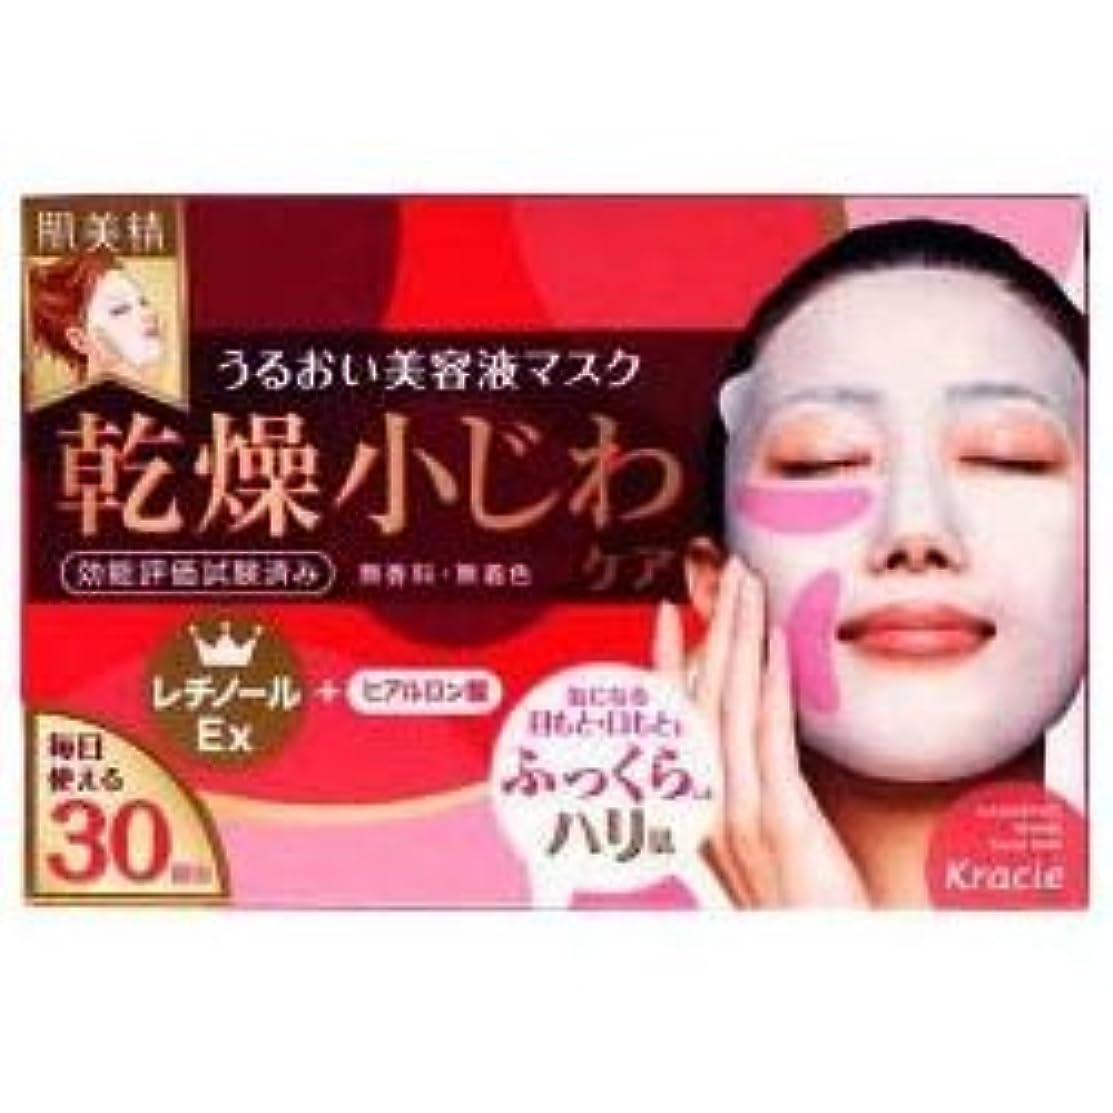 気がついて不良仕事【クラシエ】肌美精 デイリーリンクルケア美容液マスク 30枚 ×5個セット